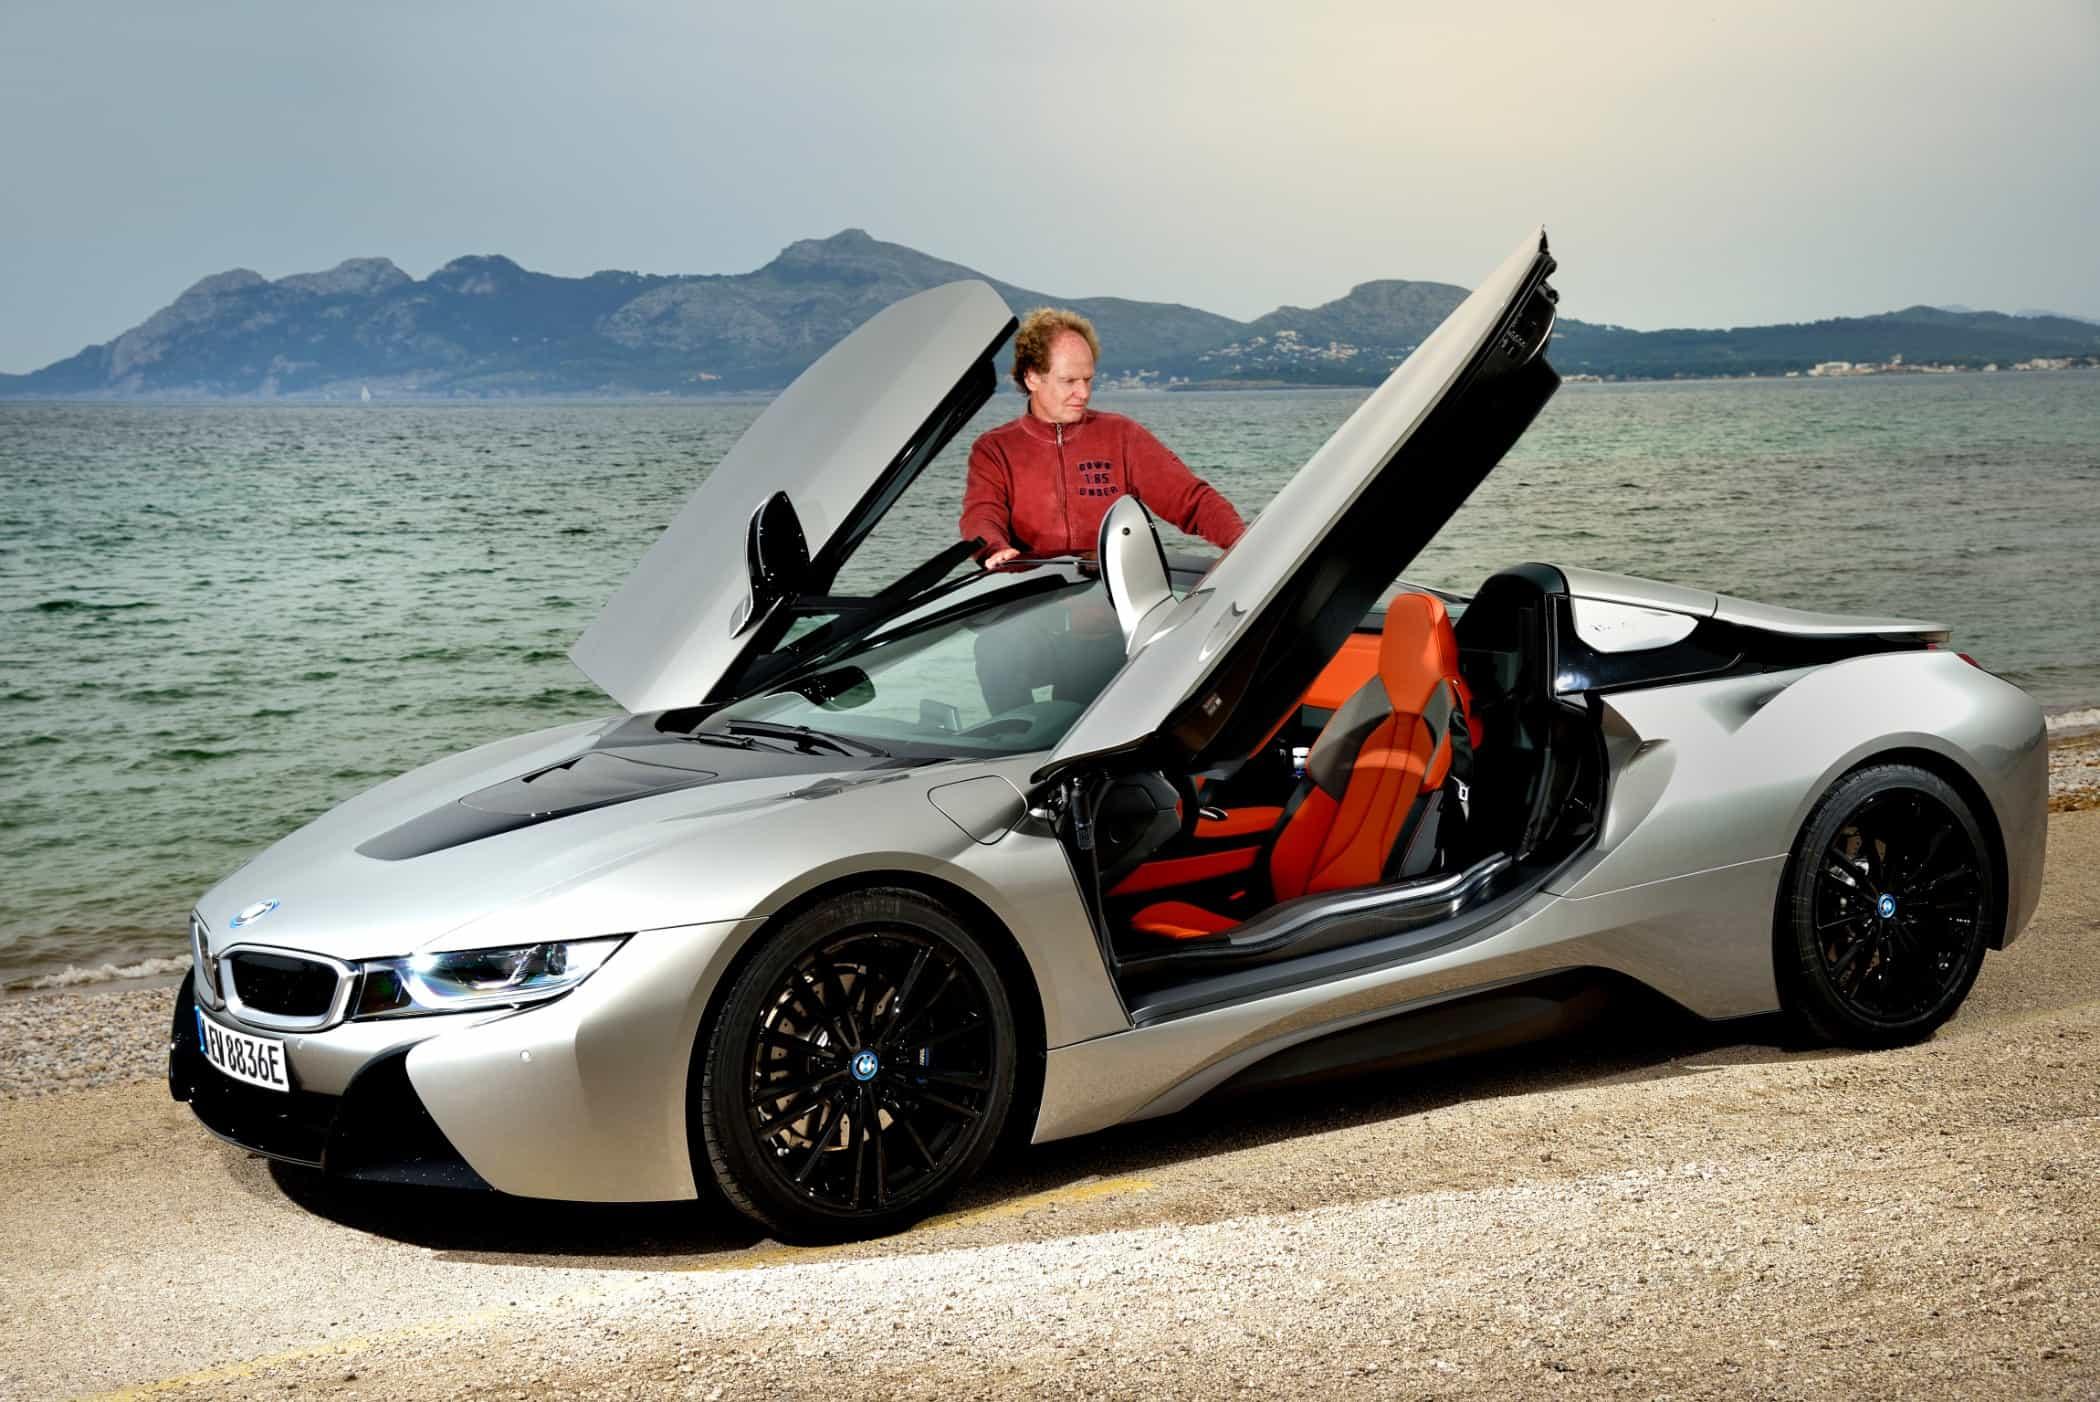 BMW i8 Roadster, Dr Friedbert Weizenecker